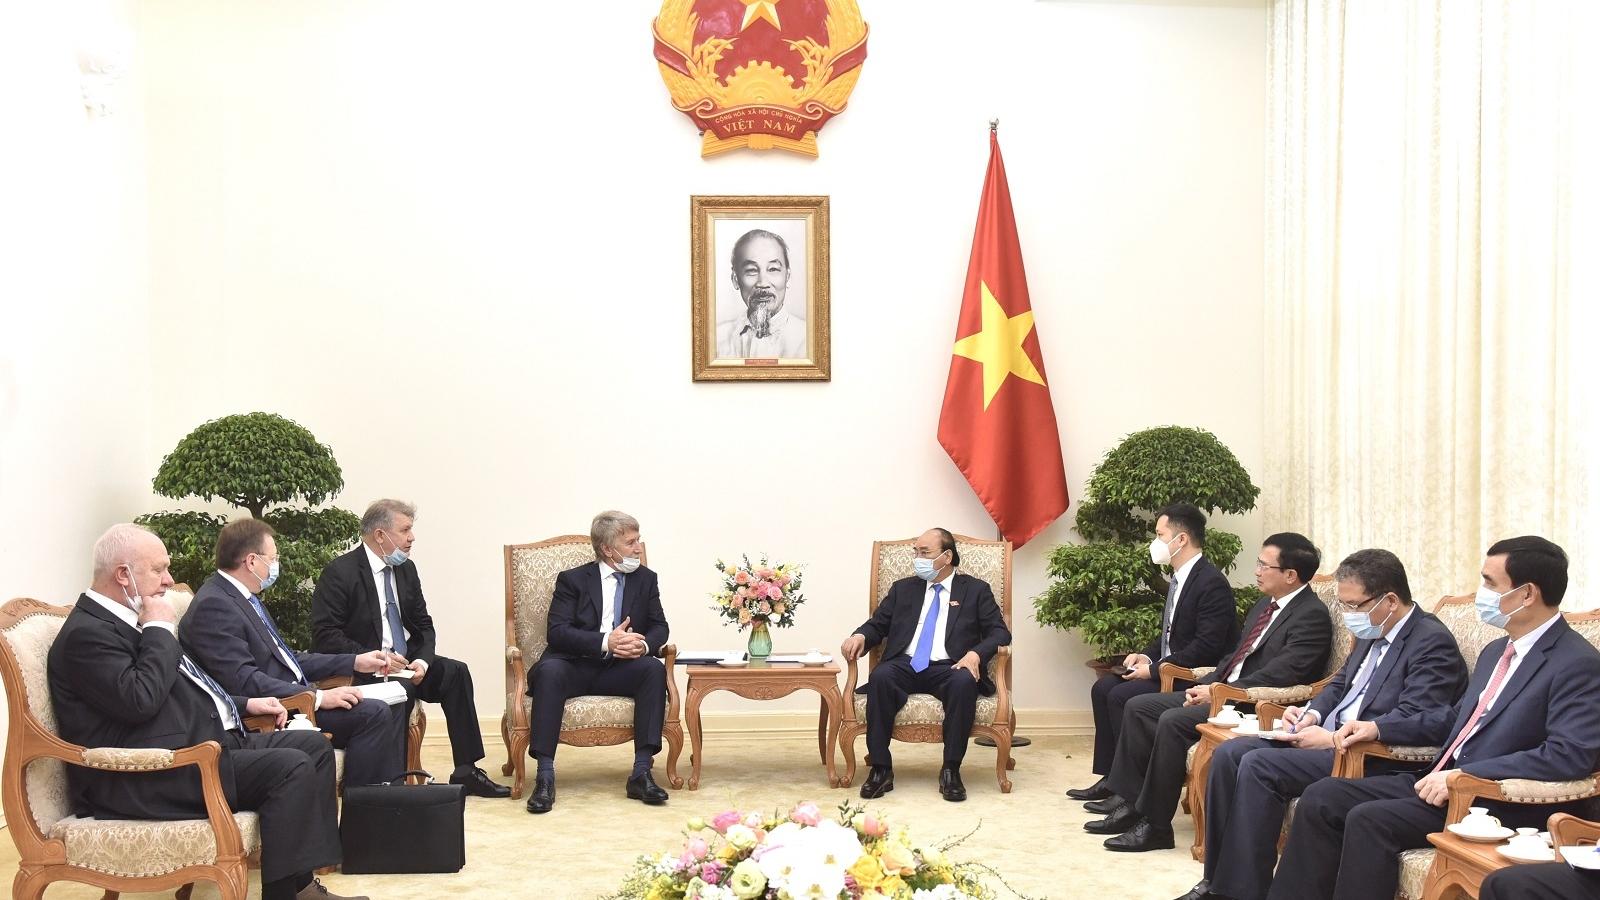 Thủ tướng tiếp Đại sứ Liên bang Nga tại Việt Nam